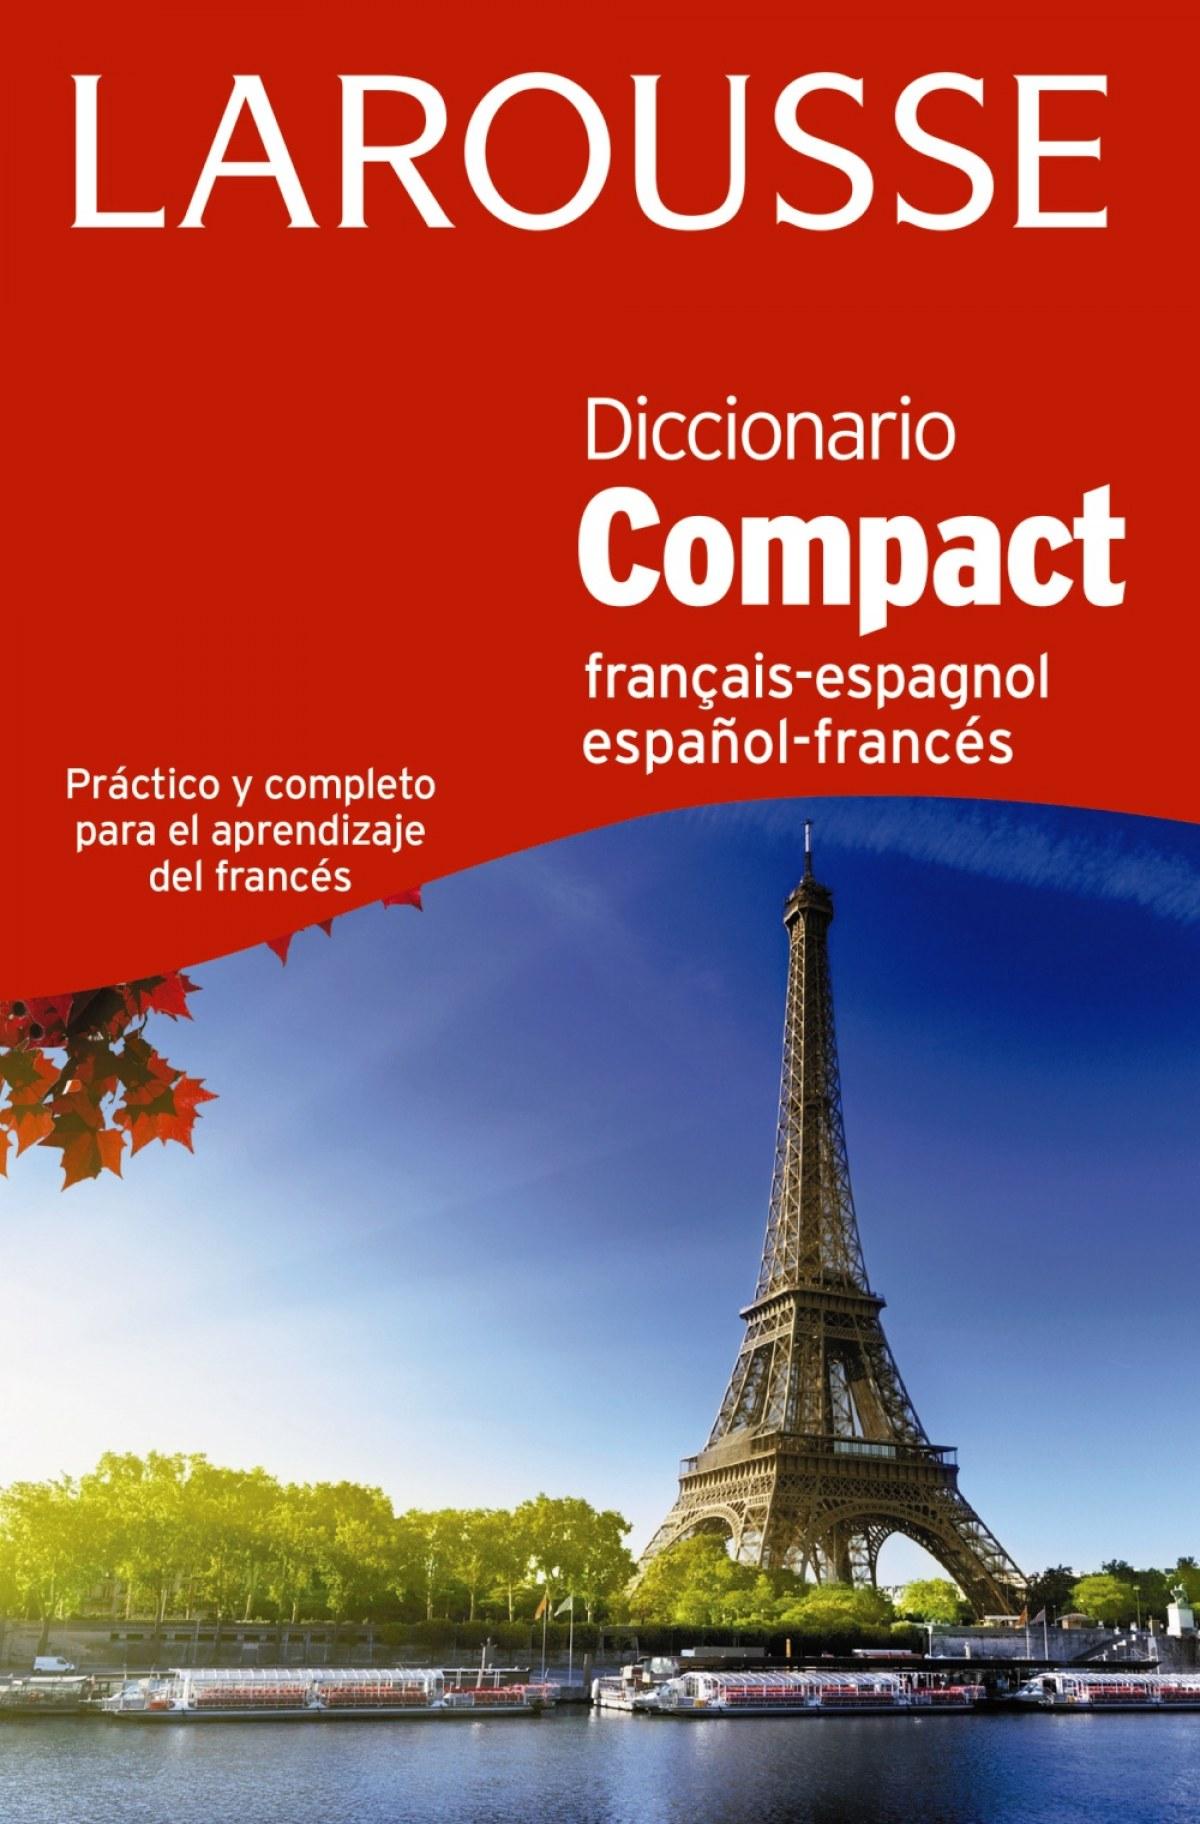 DICCIONARIO COMPACT ESPAñOL-FRANCÉS/FRANçAIS-ESPAGNOL 9788416368945